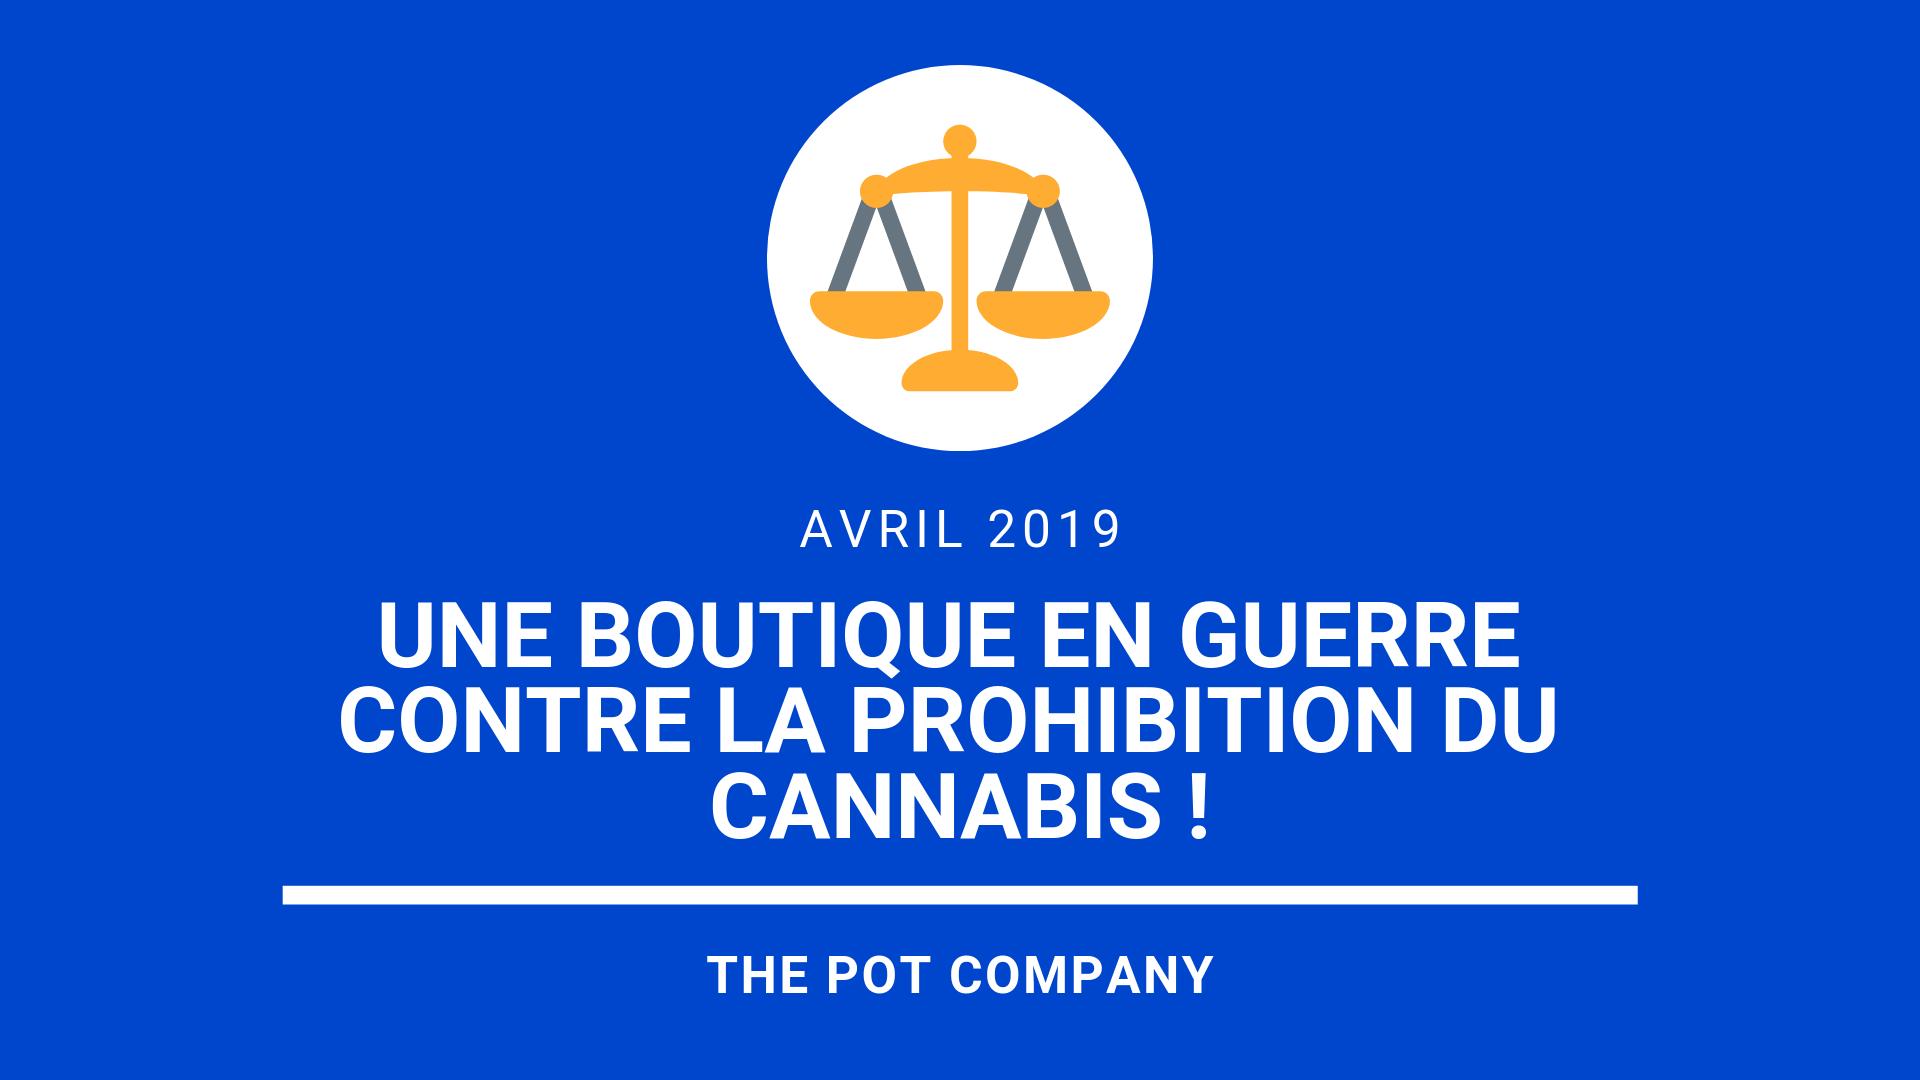 Communiqué : The Pot Company devant la Cour de Cassation, NORML soutient la boutique !